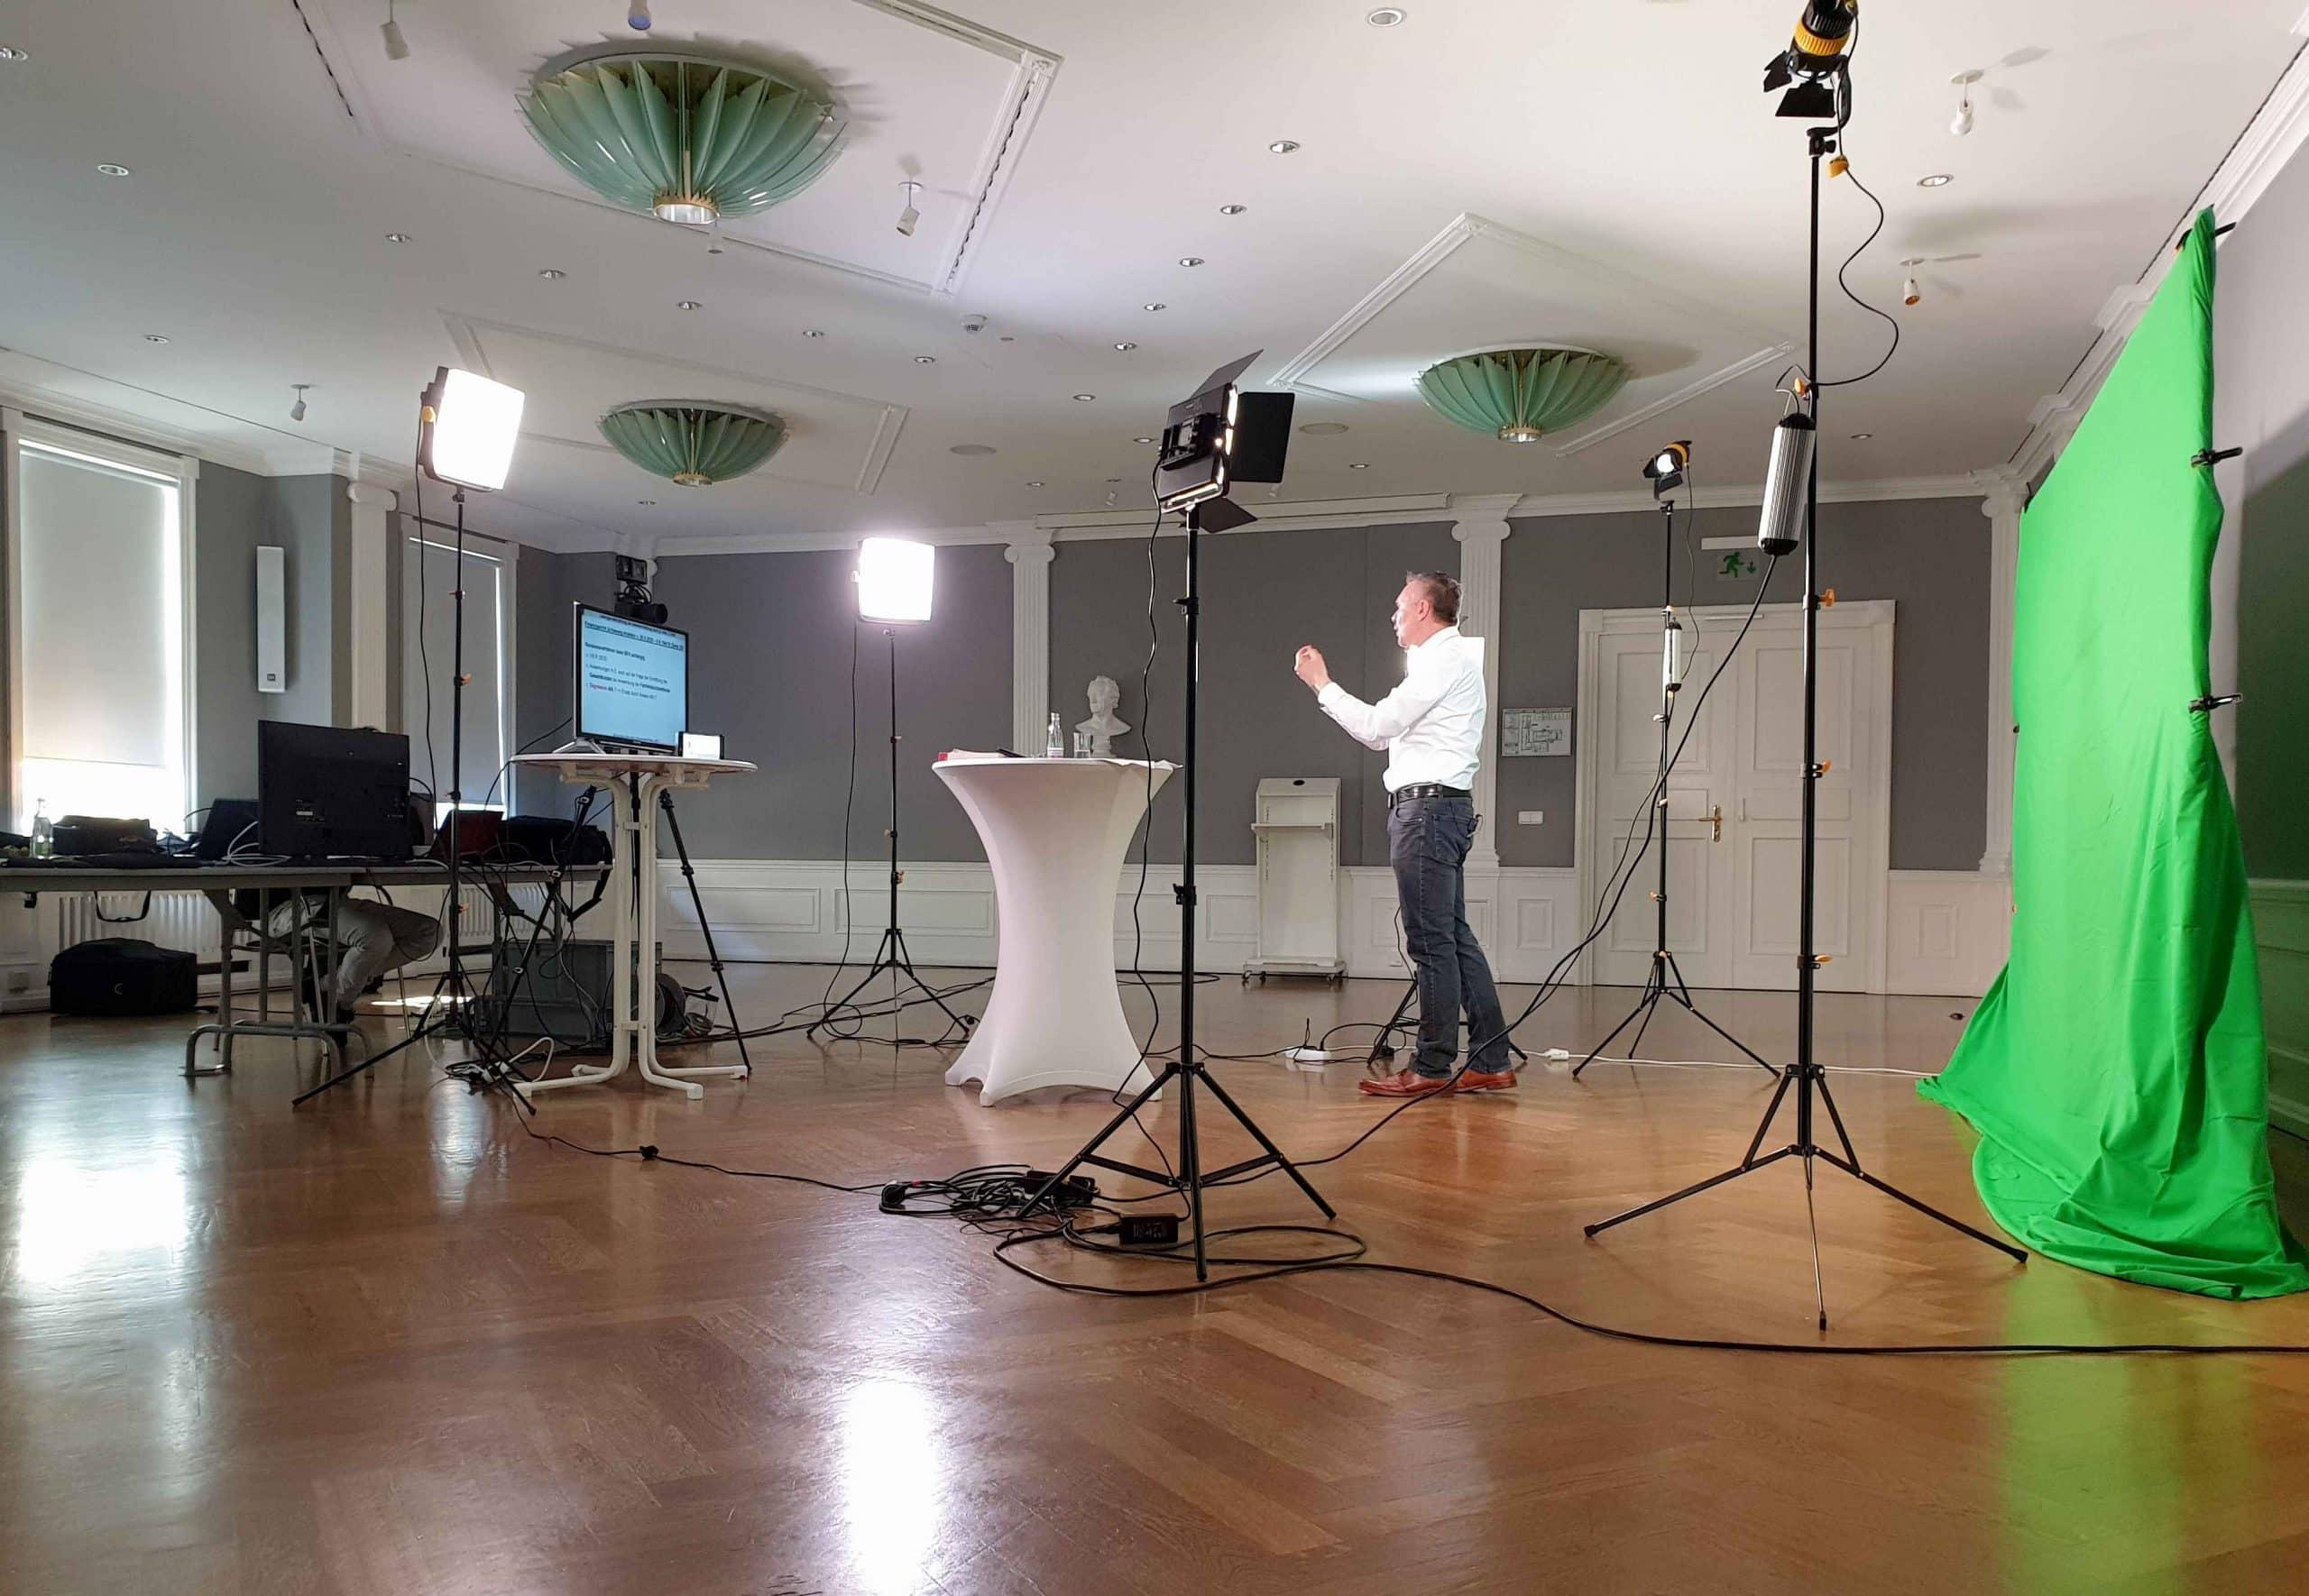 Bilder einer Greenscreen-Produktion hinter den Kulissen